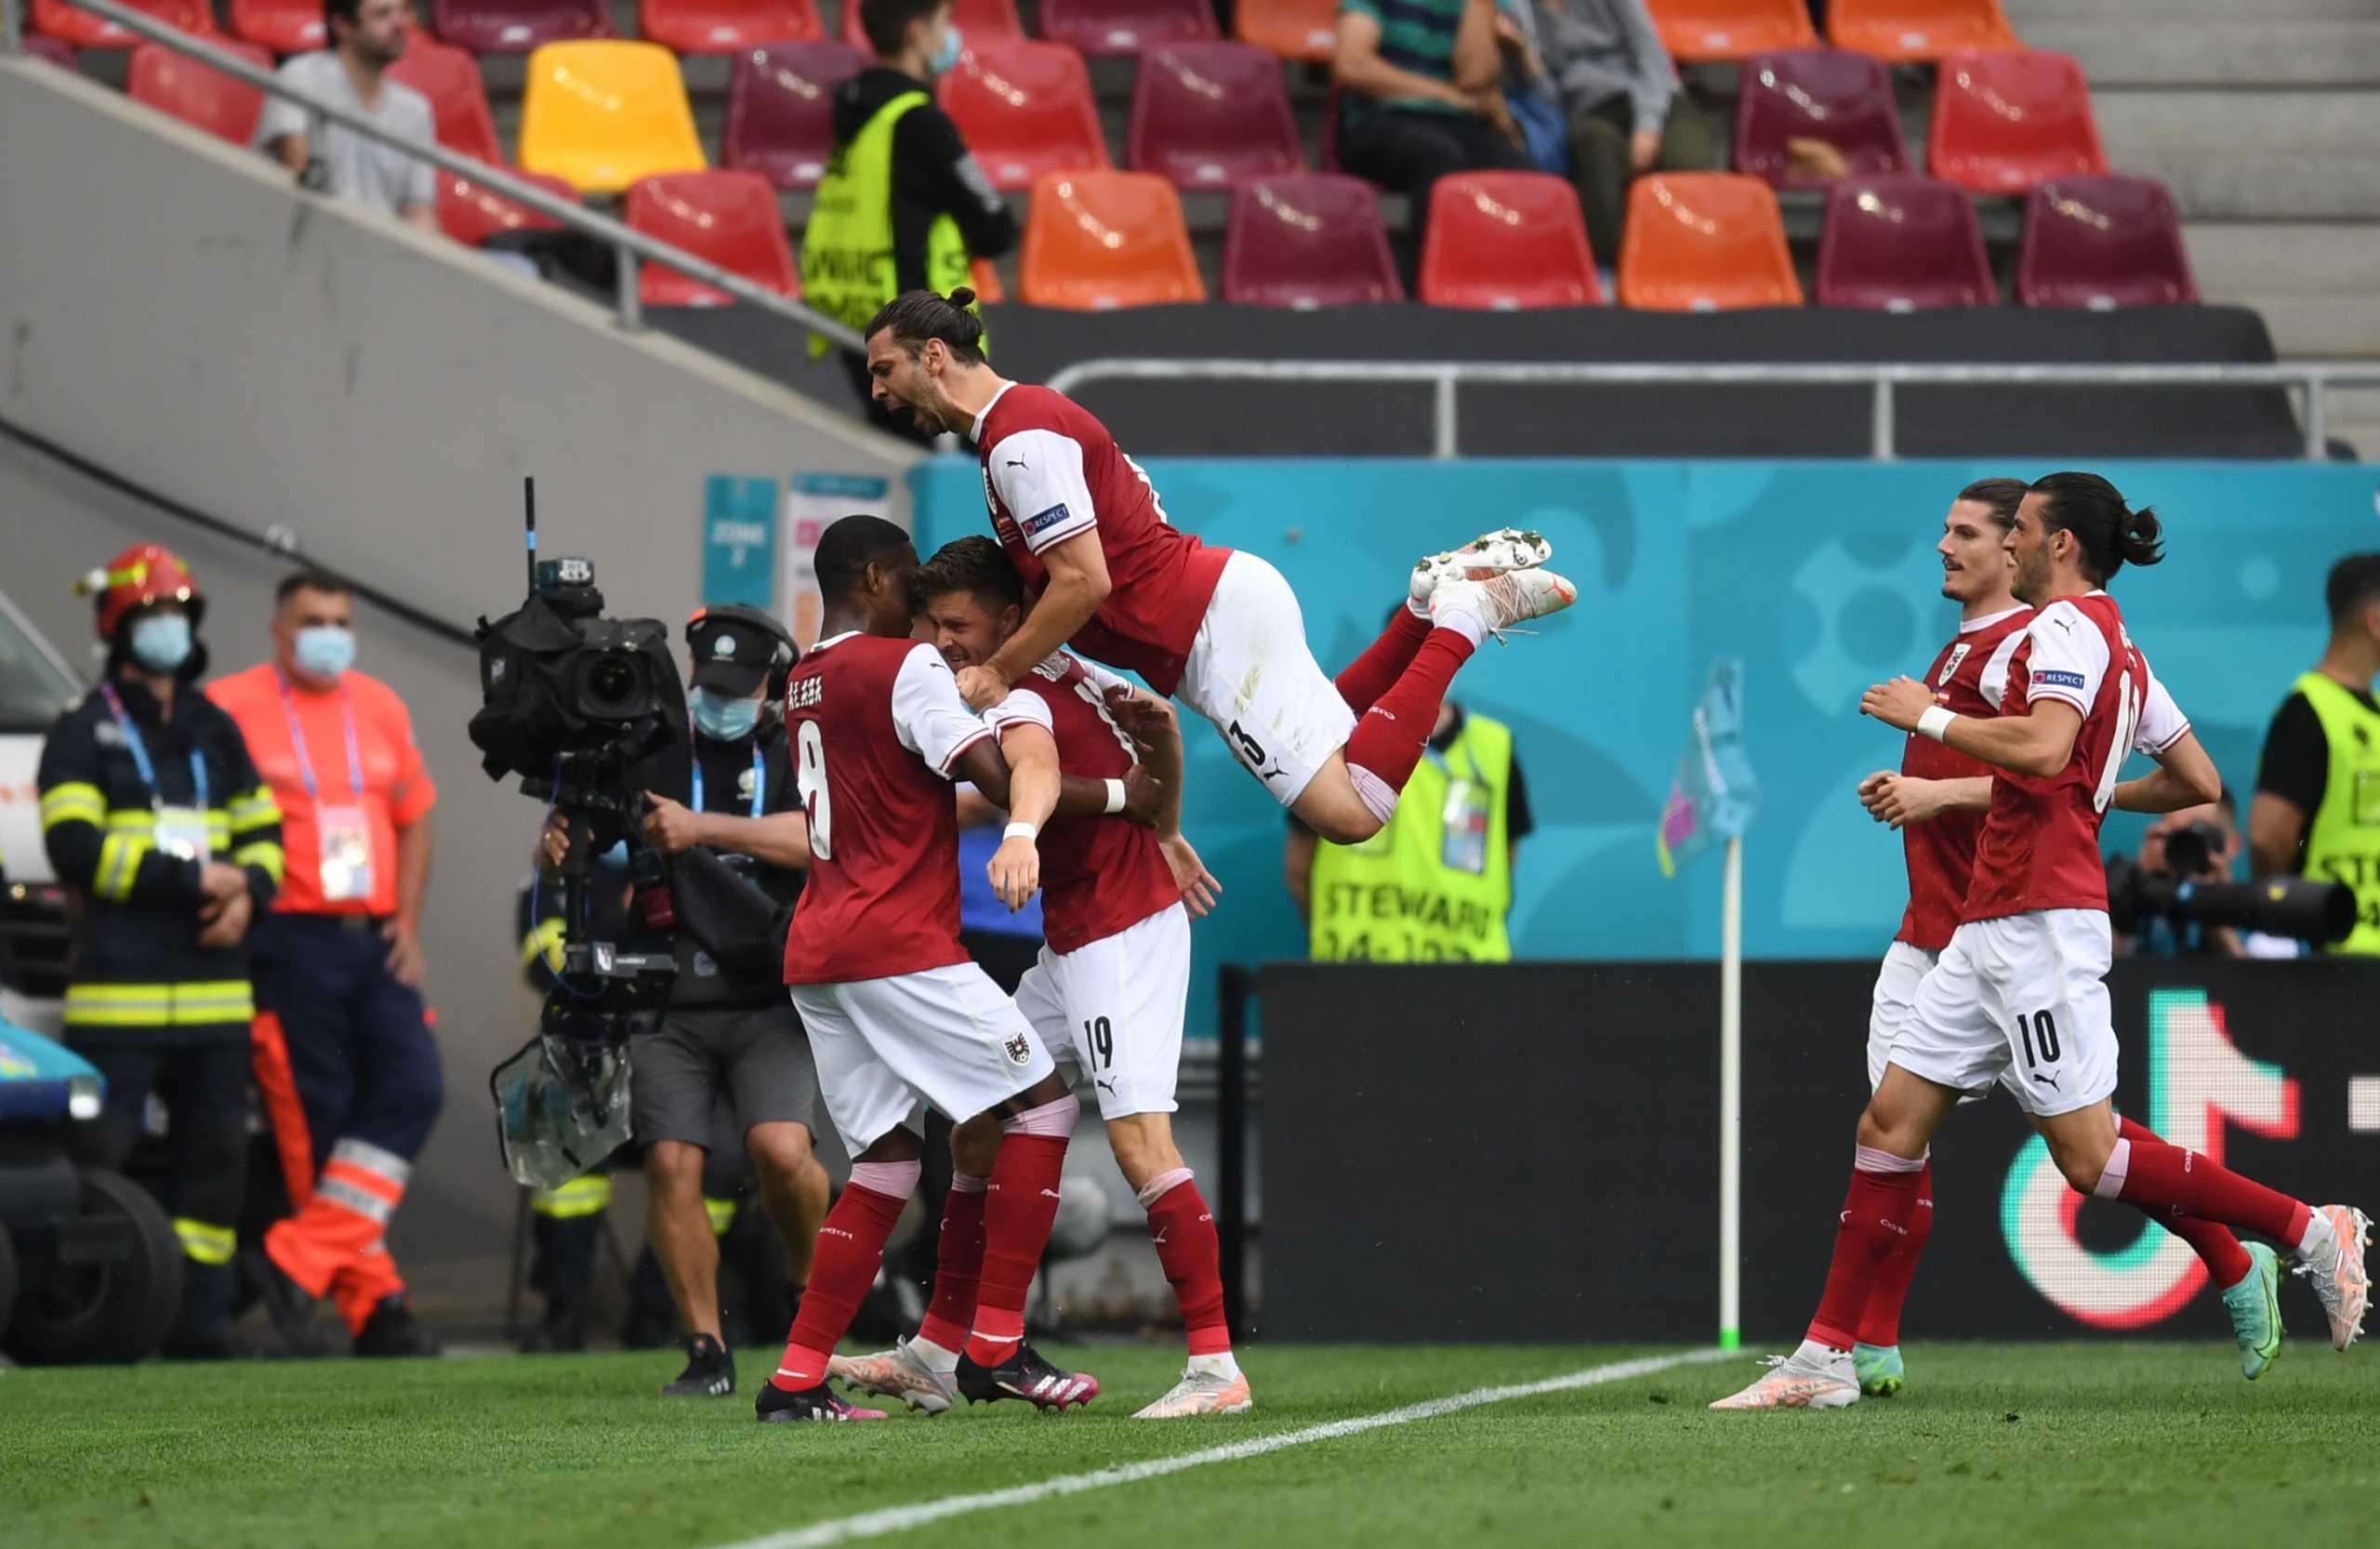 Euro 2020: Β. Μακεδονία – Ολλανδία 3-0 και Ουκρανία – Αυστρία 0-1 ΤΕΛΙΚΑ!